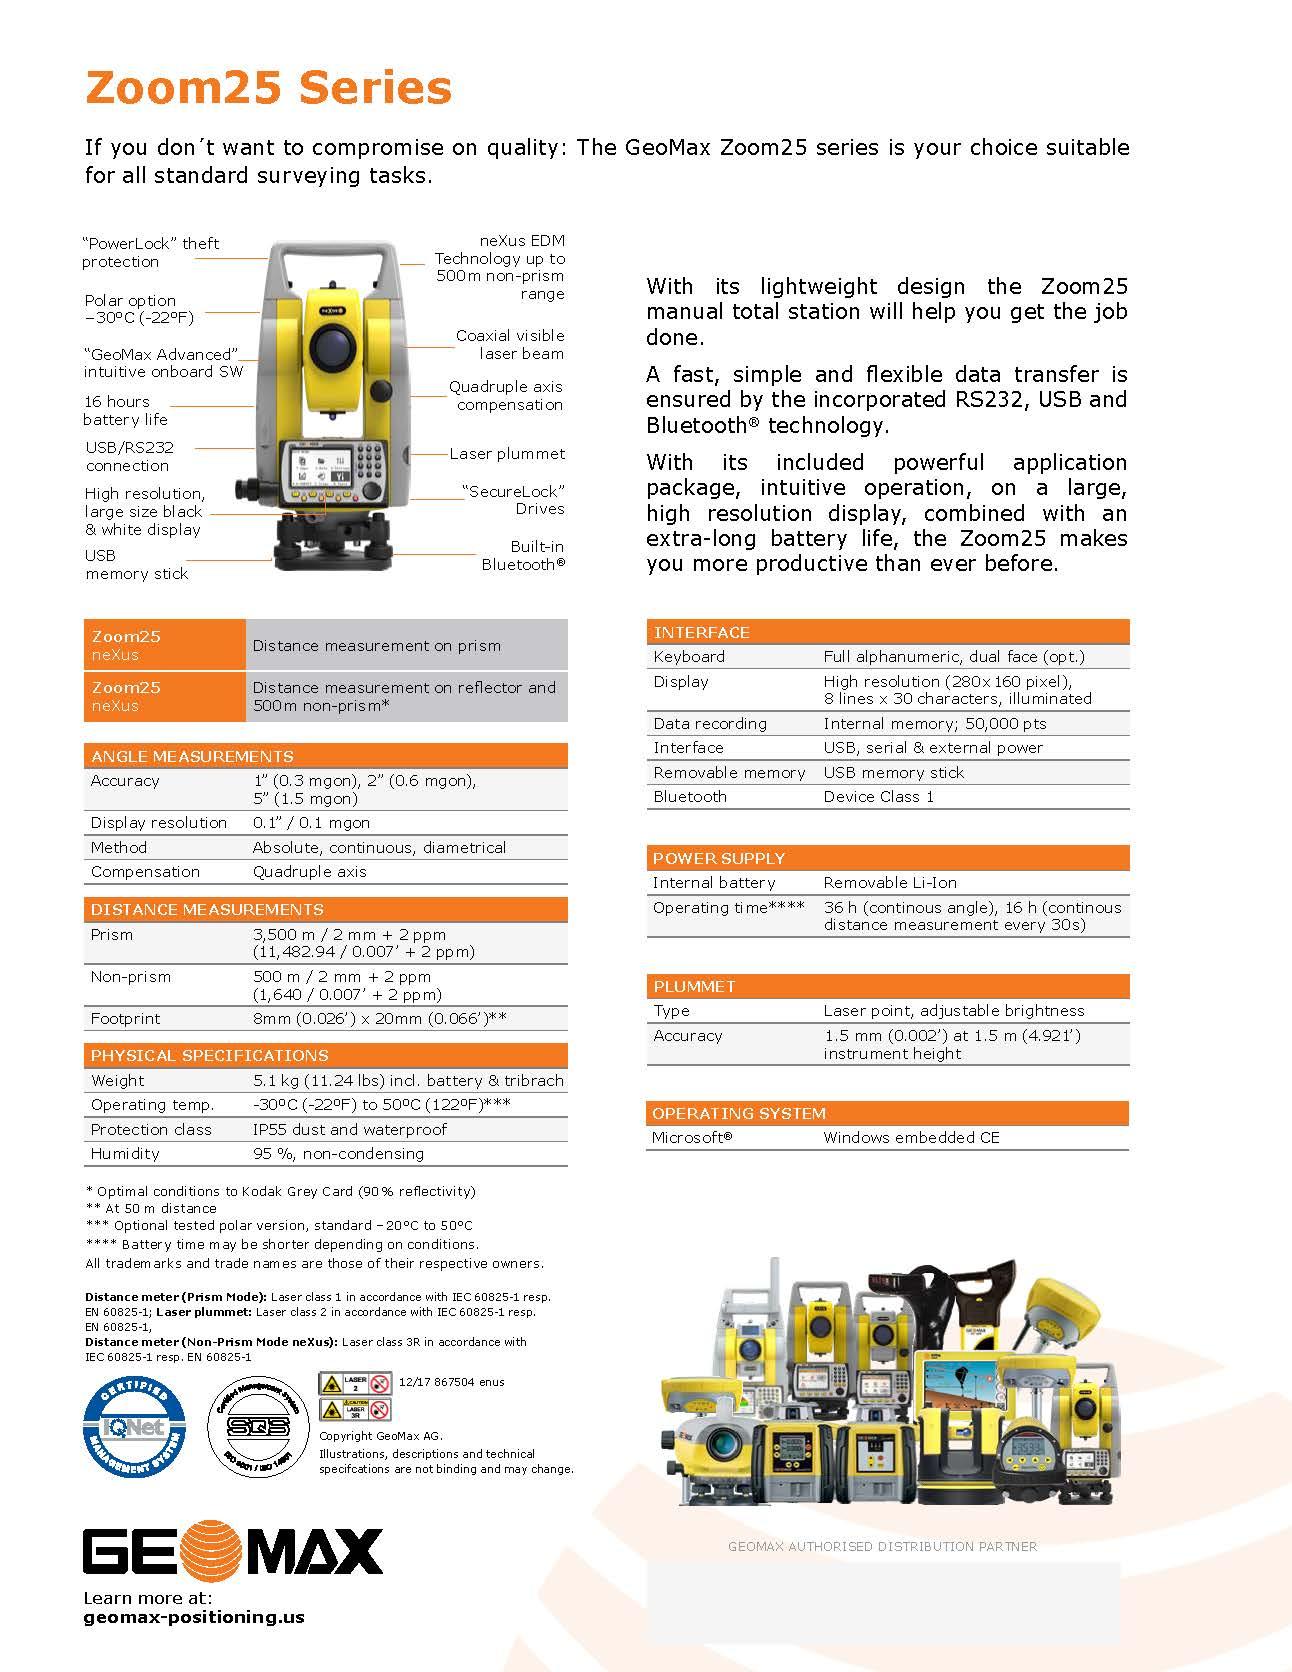 geomax-zoom25-ds-867504-0118-enus-lr-page-2.jpg